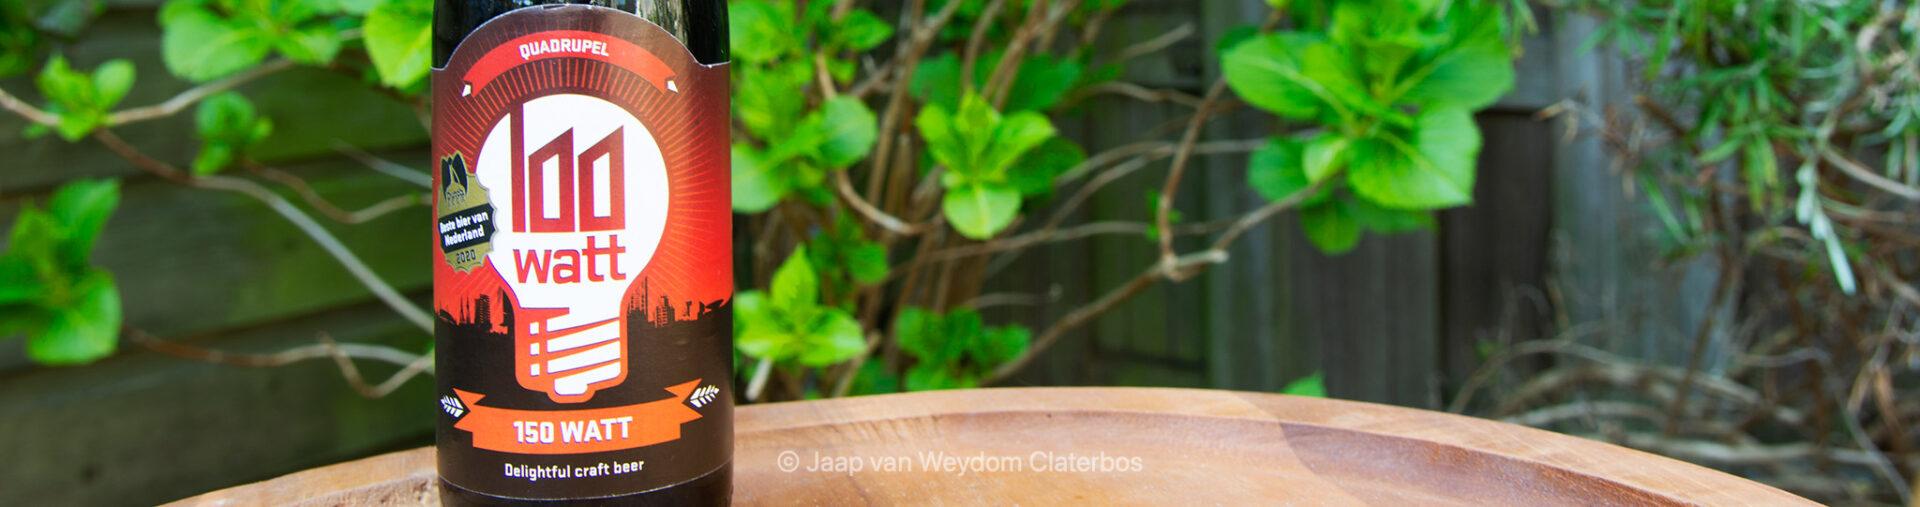 Stadsbrouwerij 100 Waat uit Eindhoven - 150 Watt Quarupel